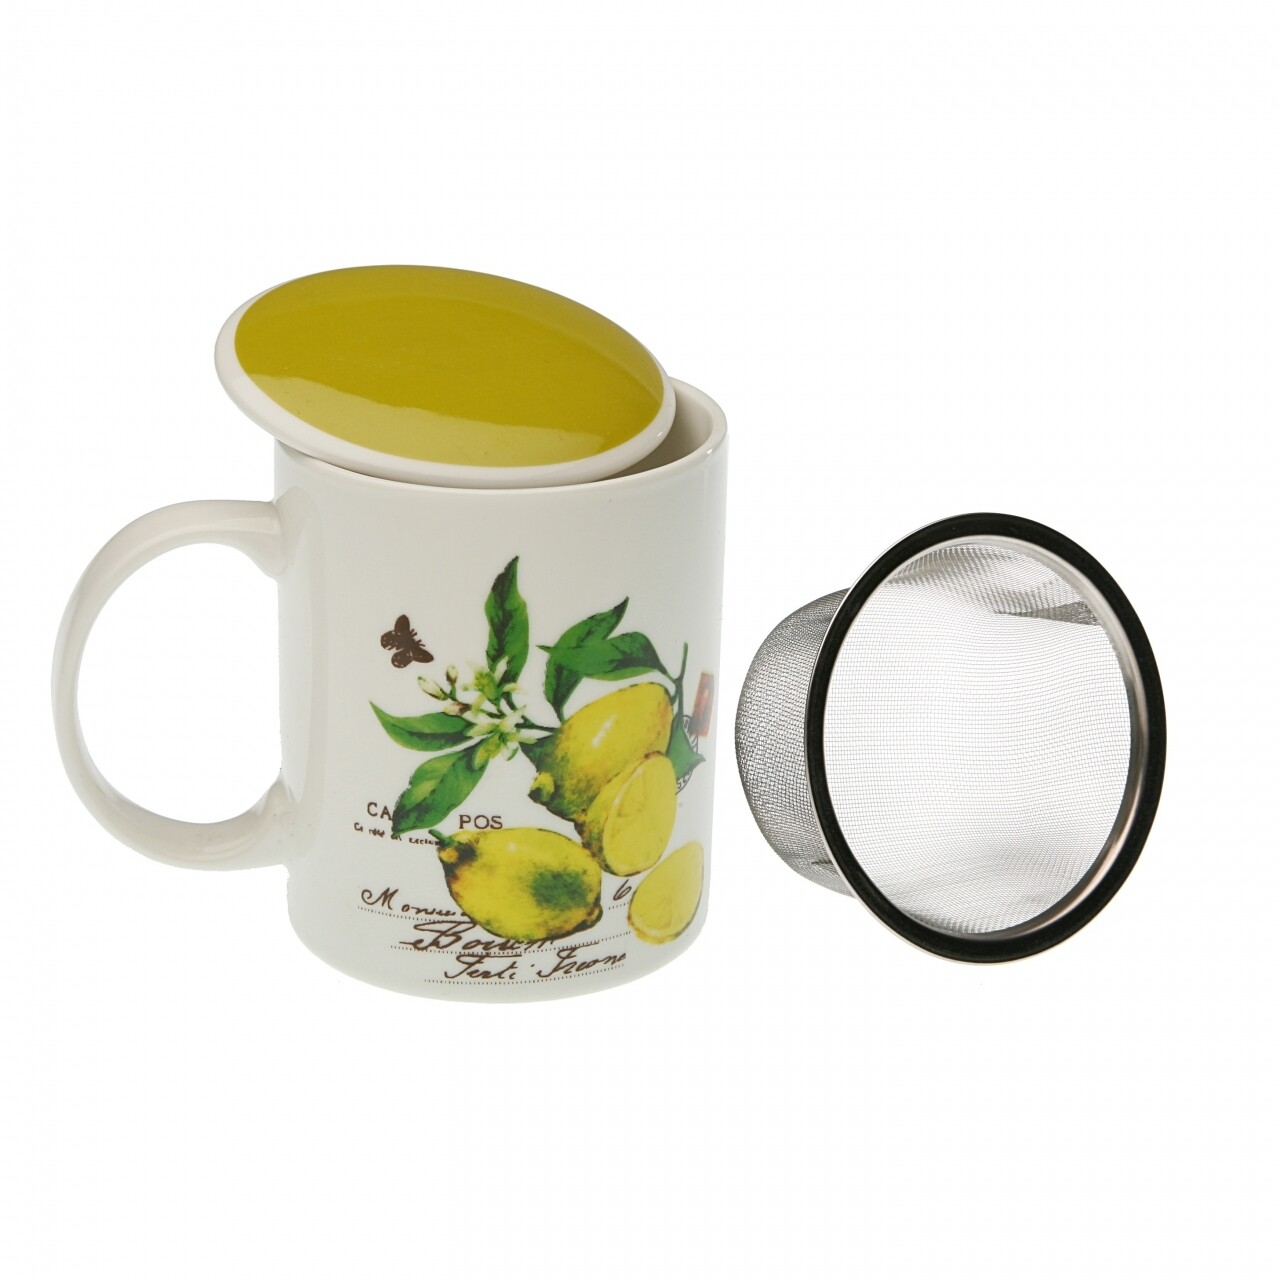 Cana pentru ceai Lemon, Versa,  350 ml, portelan, multicolora